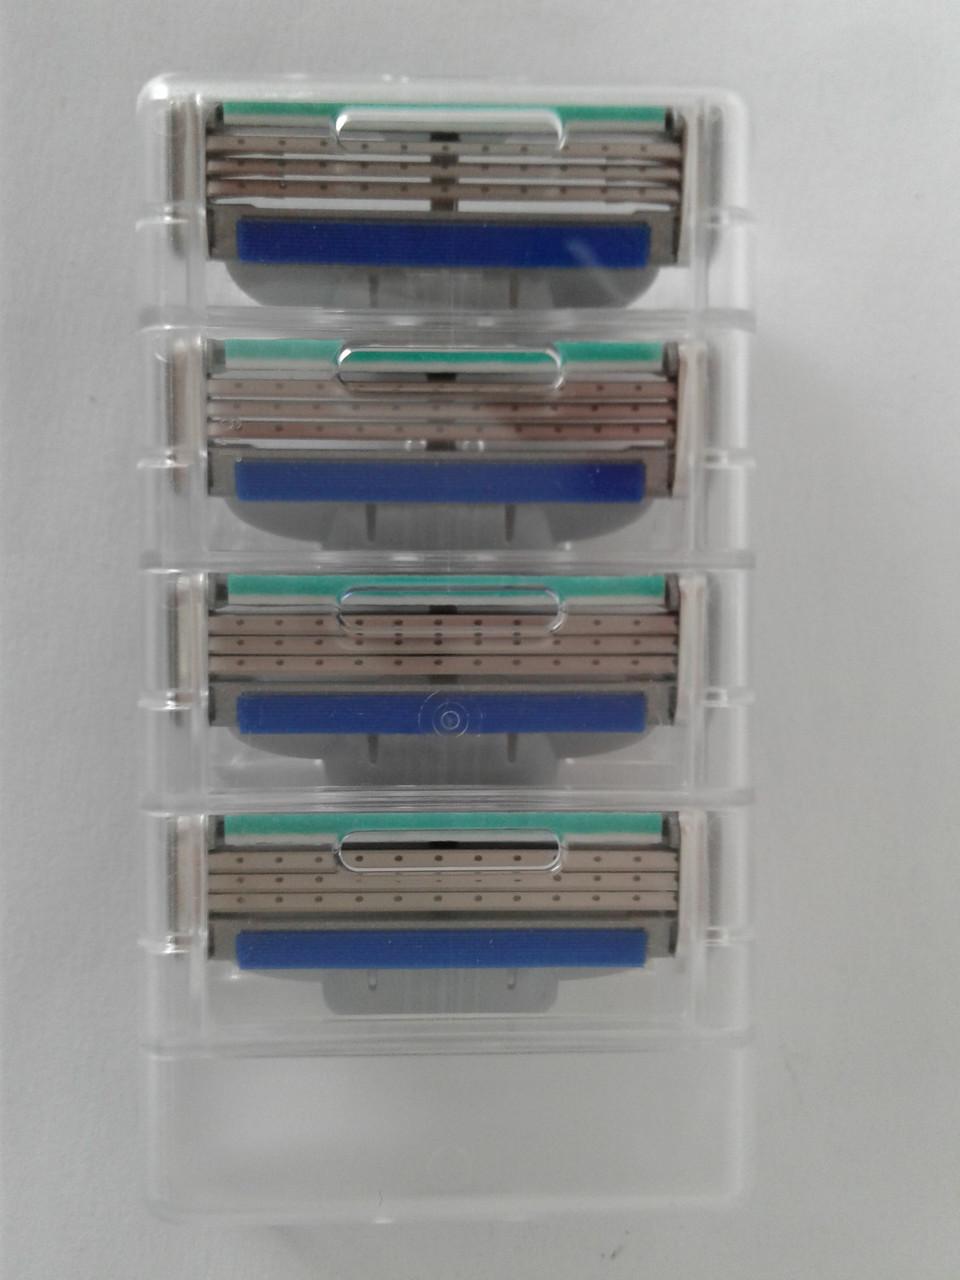 Кассеты для бритья мужские Gillette Mach3 Turbo 4 шт. (Жиллет Мак 3 турбо без упаковки оригинал)